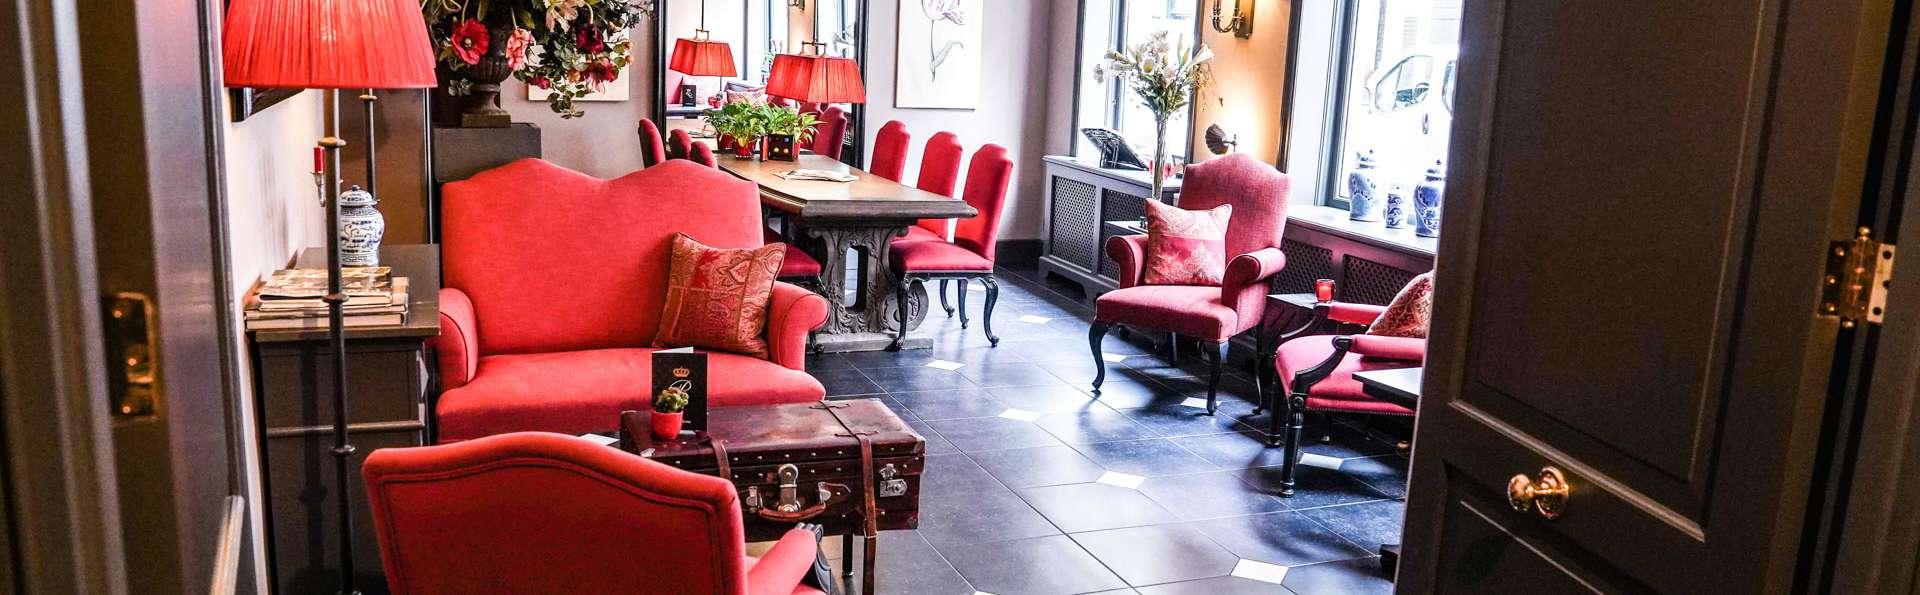 Verblijf in een charmant hotel in het centrum van Den Haag